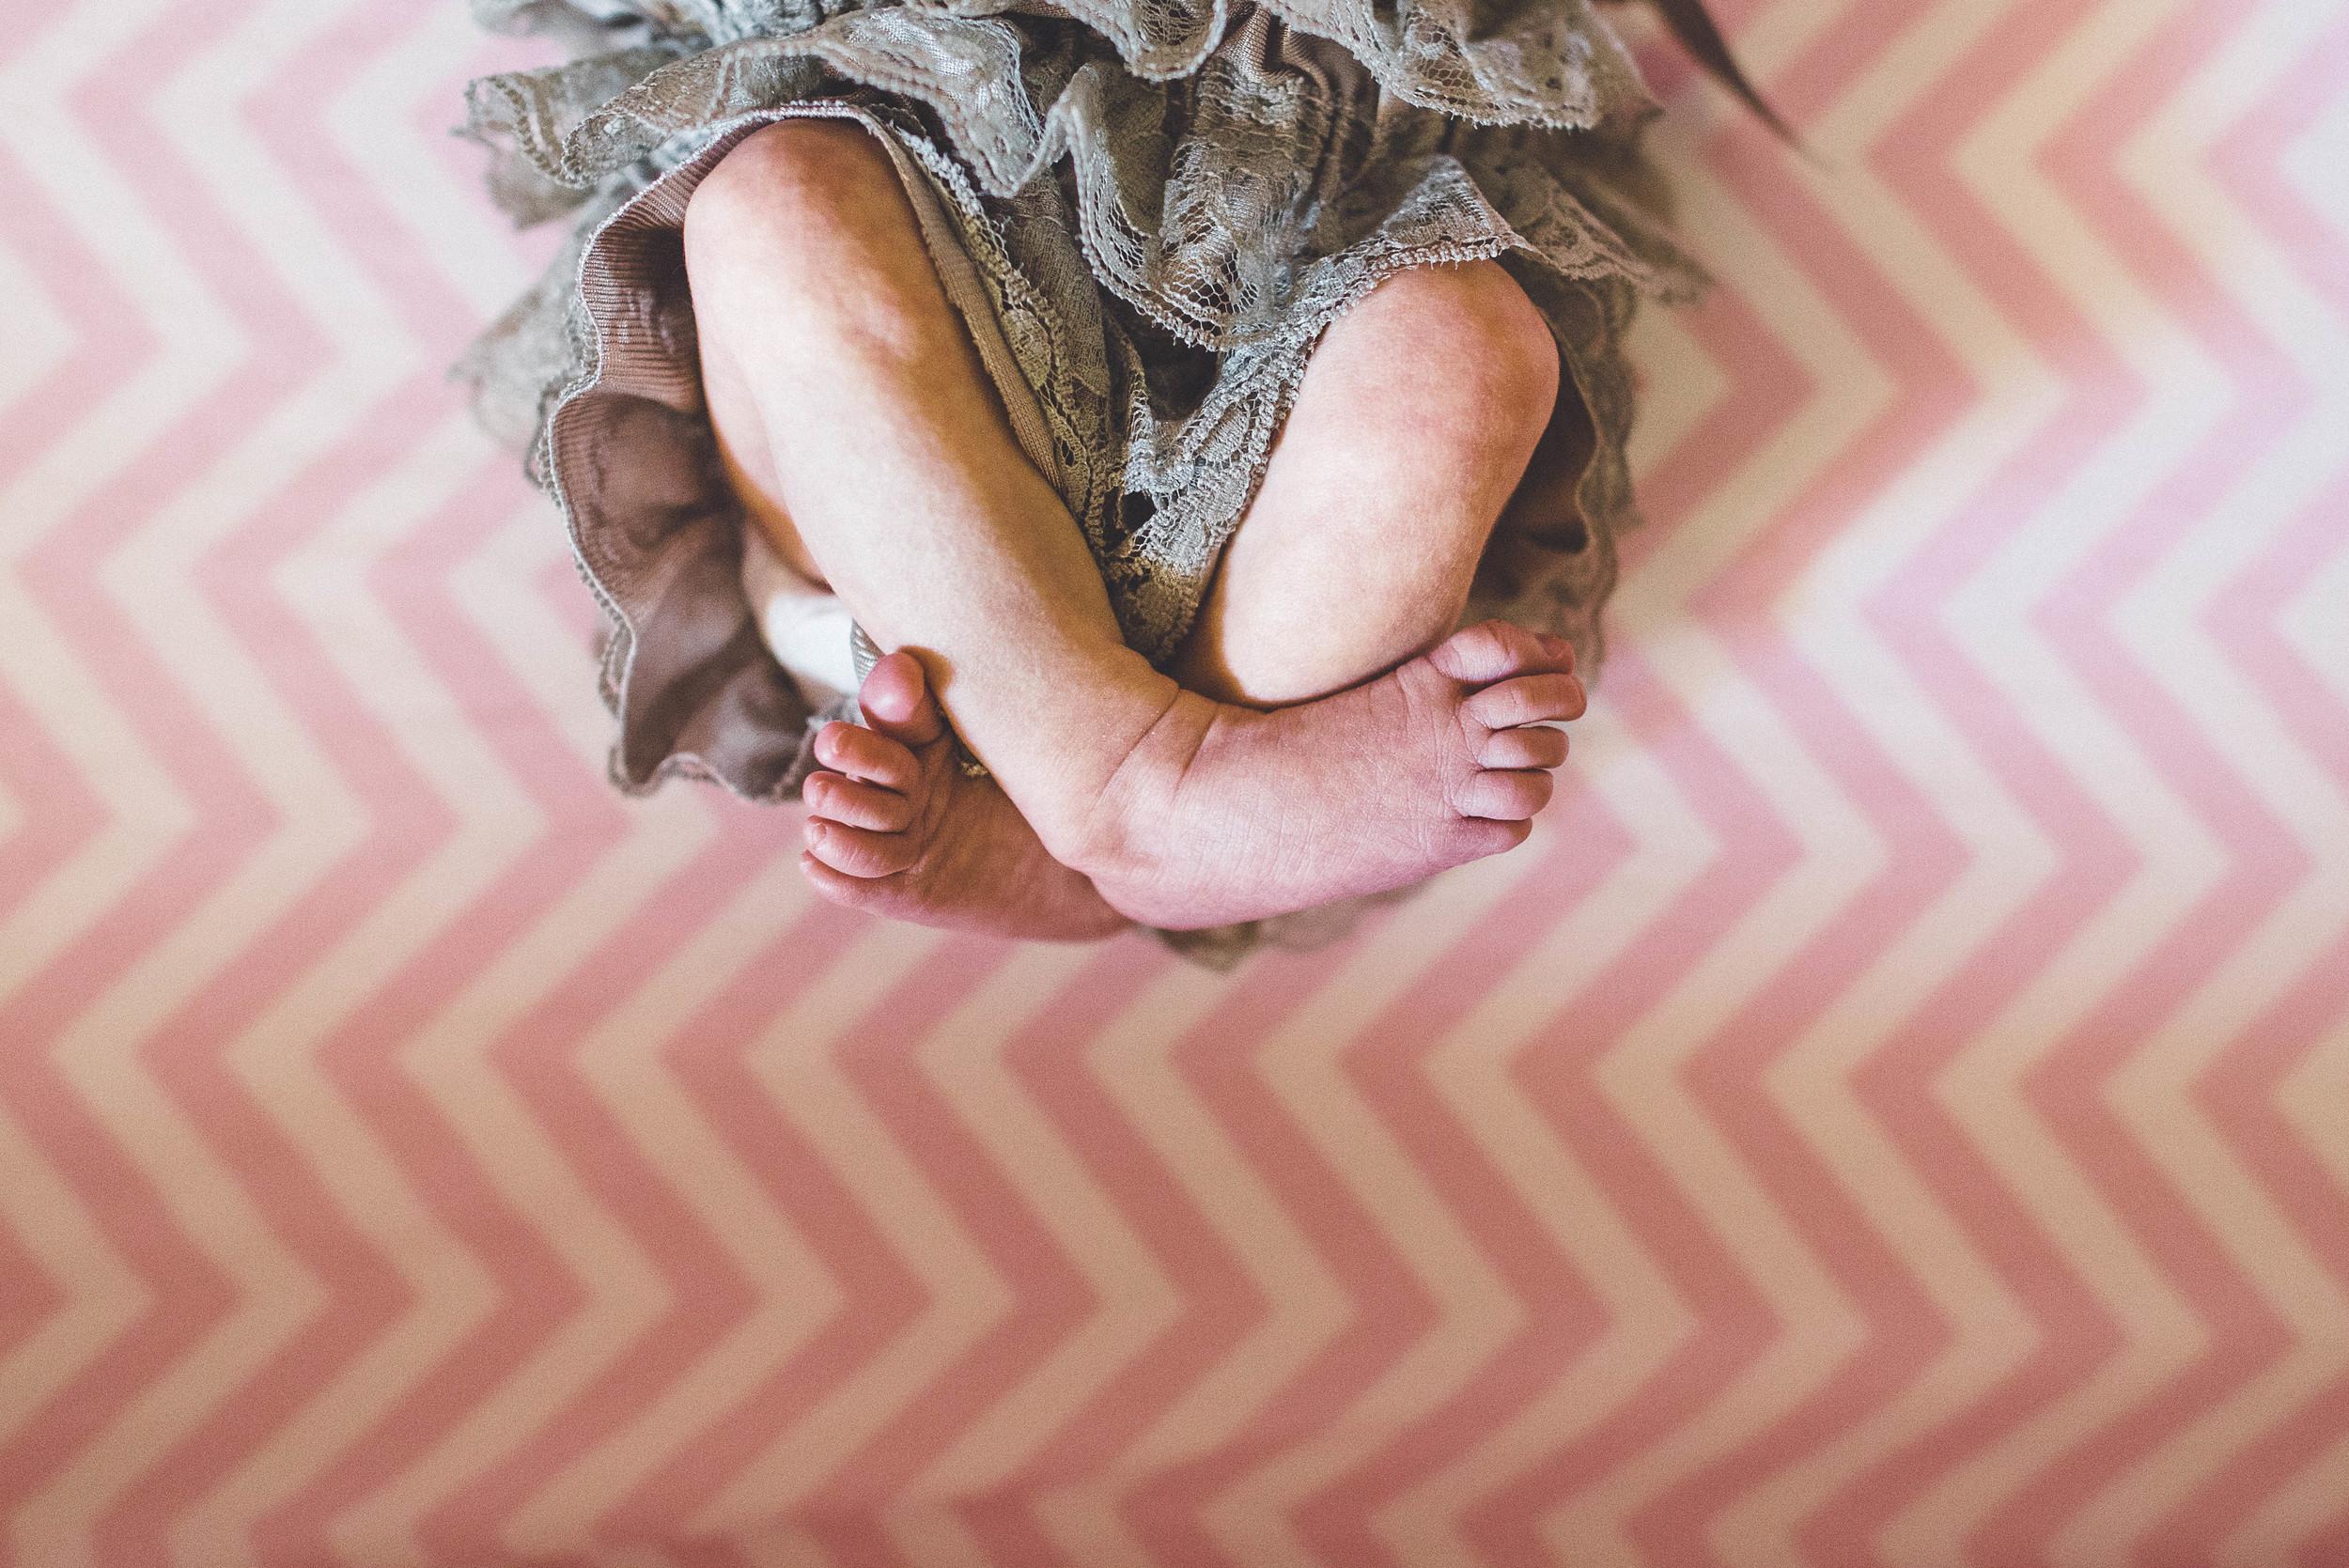 newbornbaby2